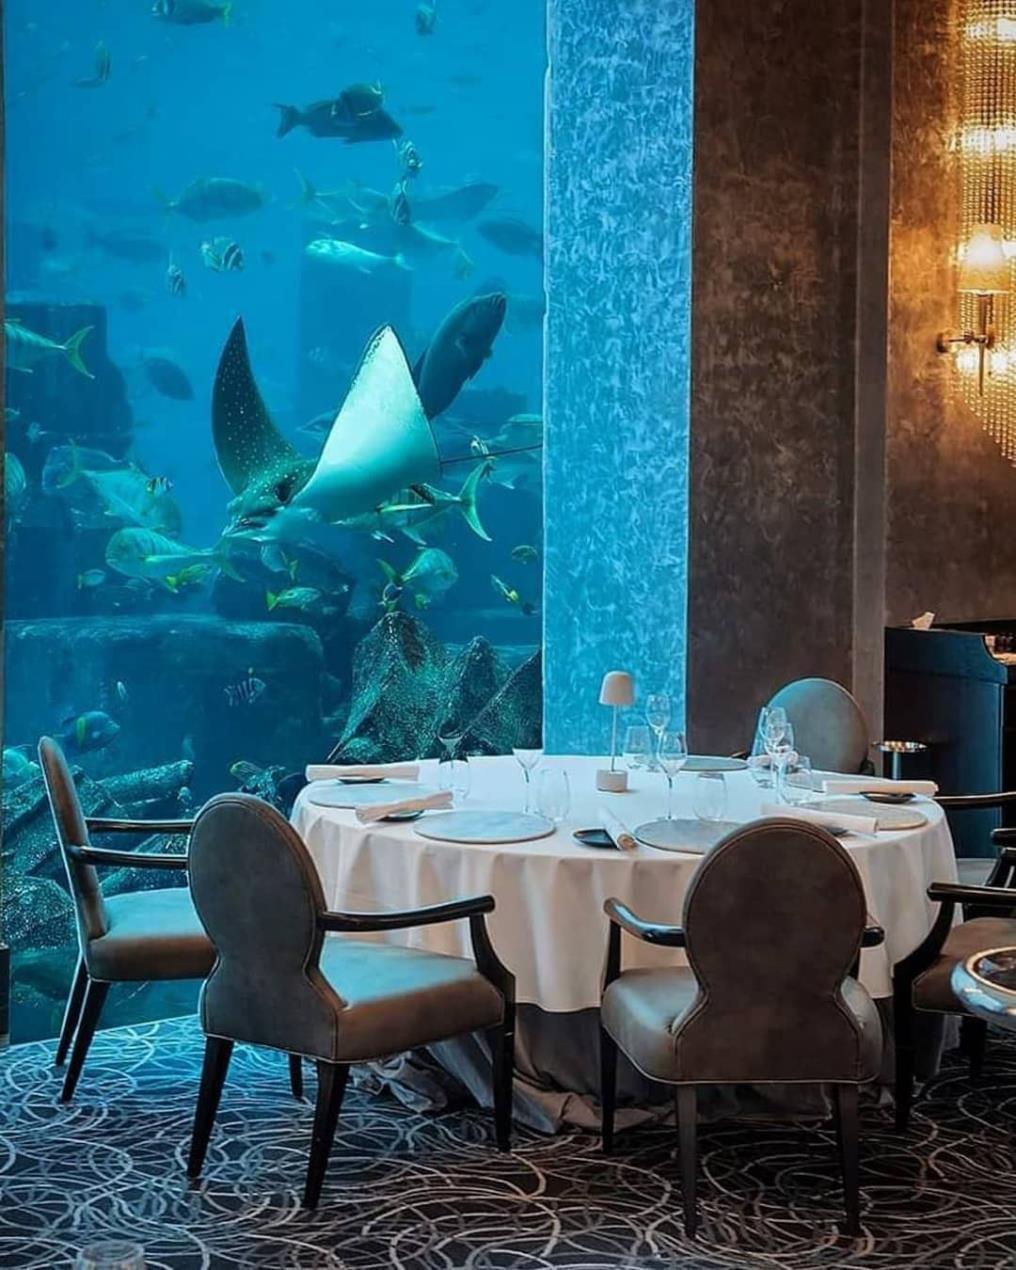 Atlantis The Pam Dubai